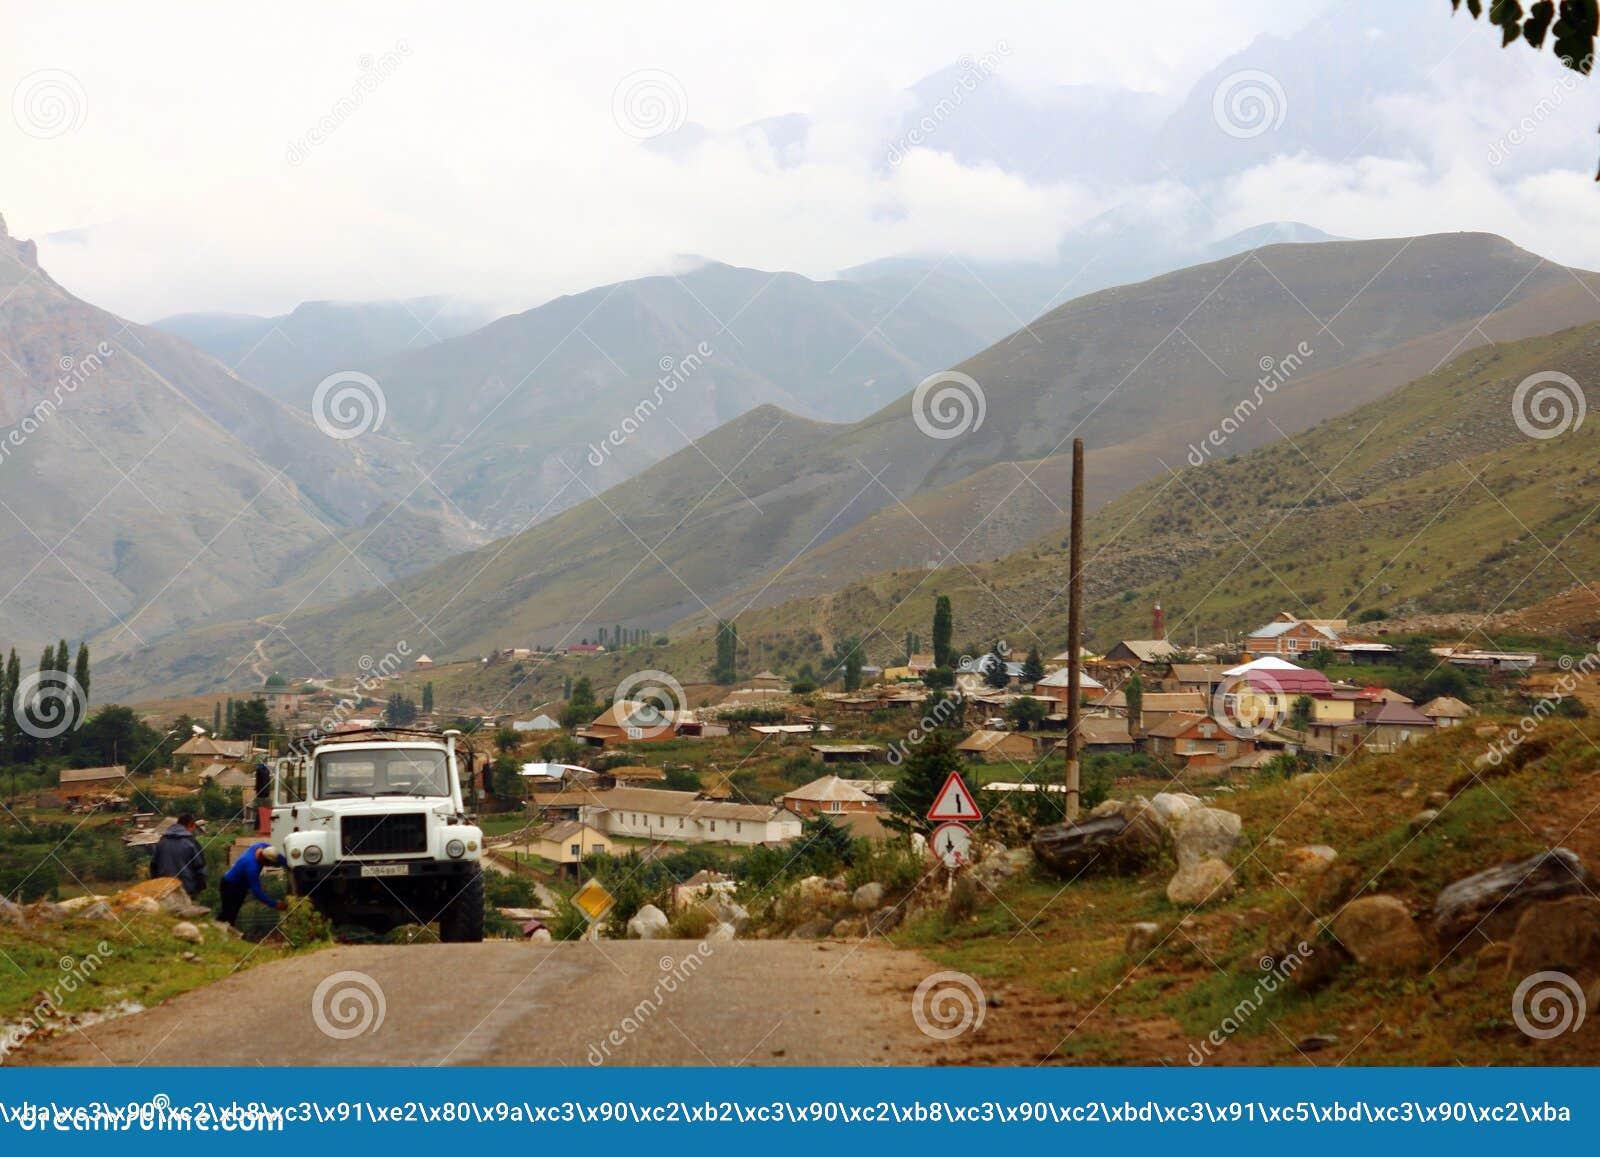 Ryssland Kabardino-Barkar republik Chegem paradrome var drömmar kommer riktigt, flyg över jorden!!!